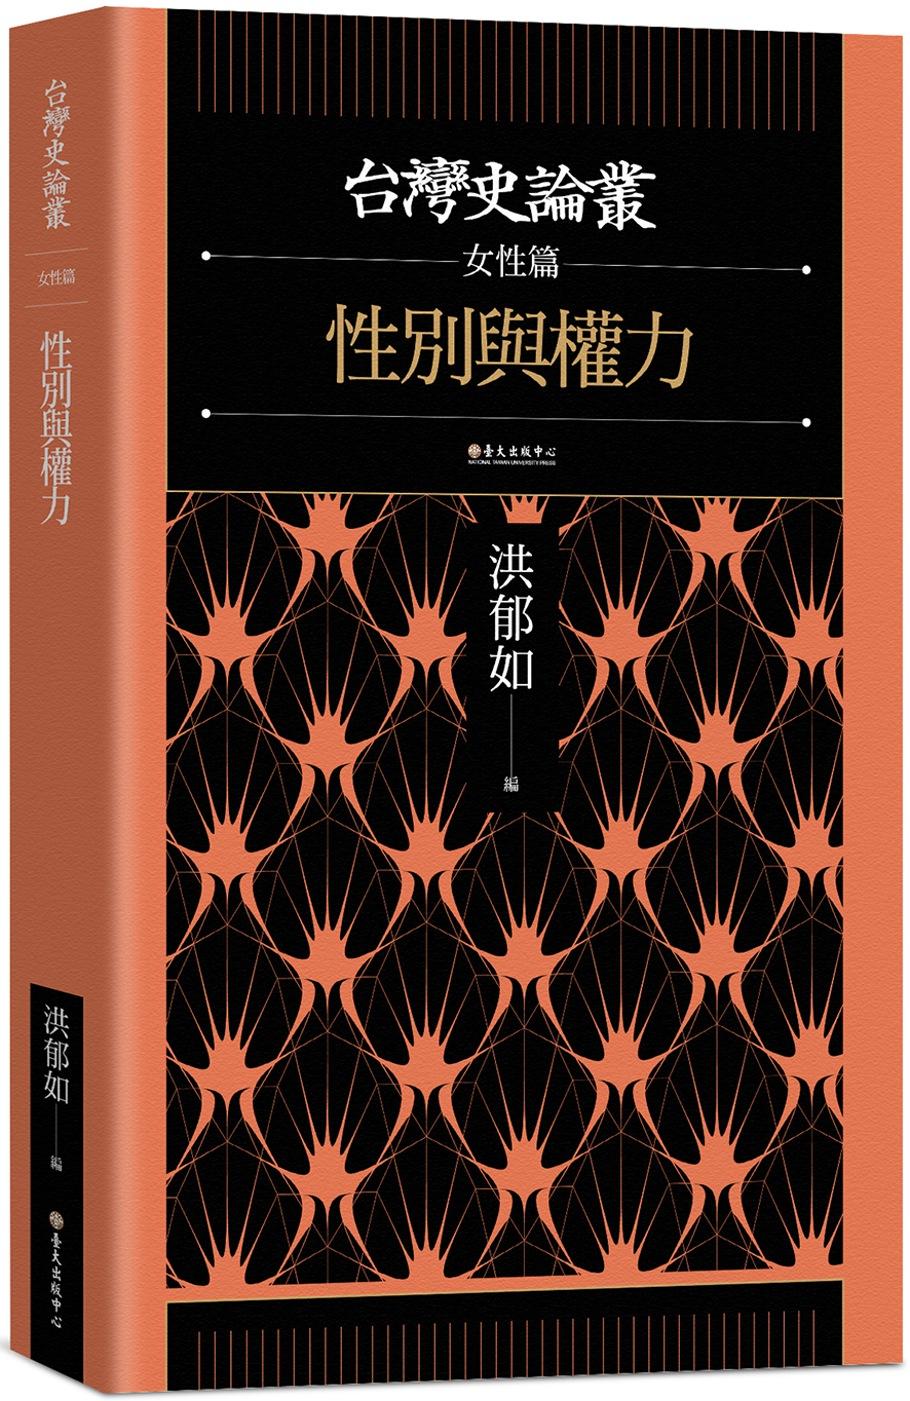 性別與權力【台灣史論叢 女性篇】